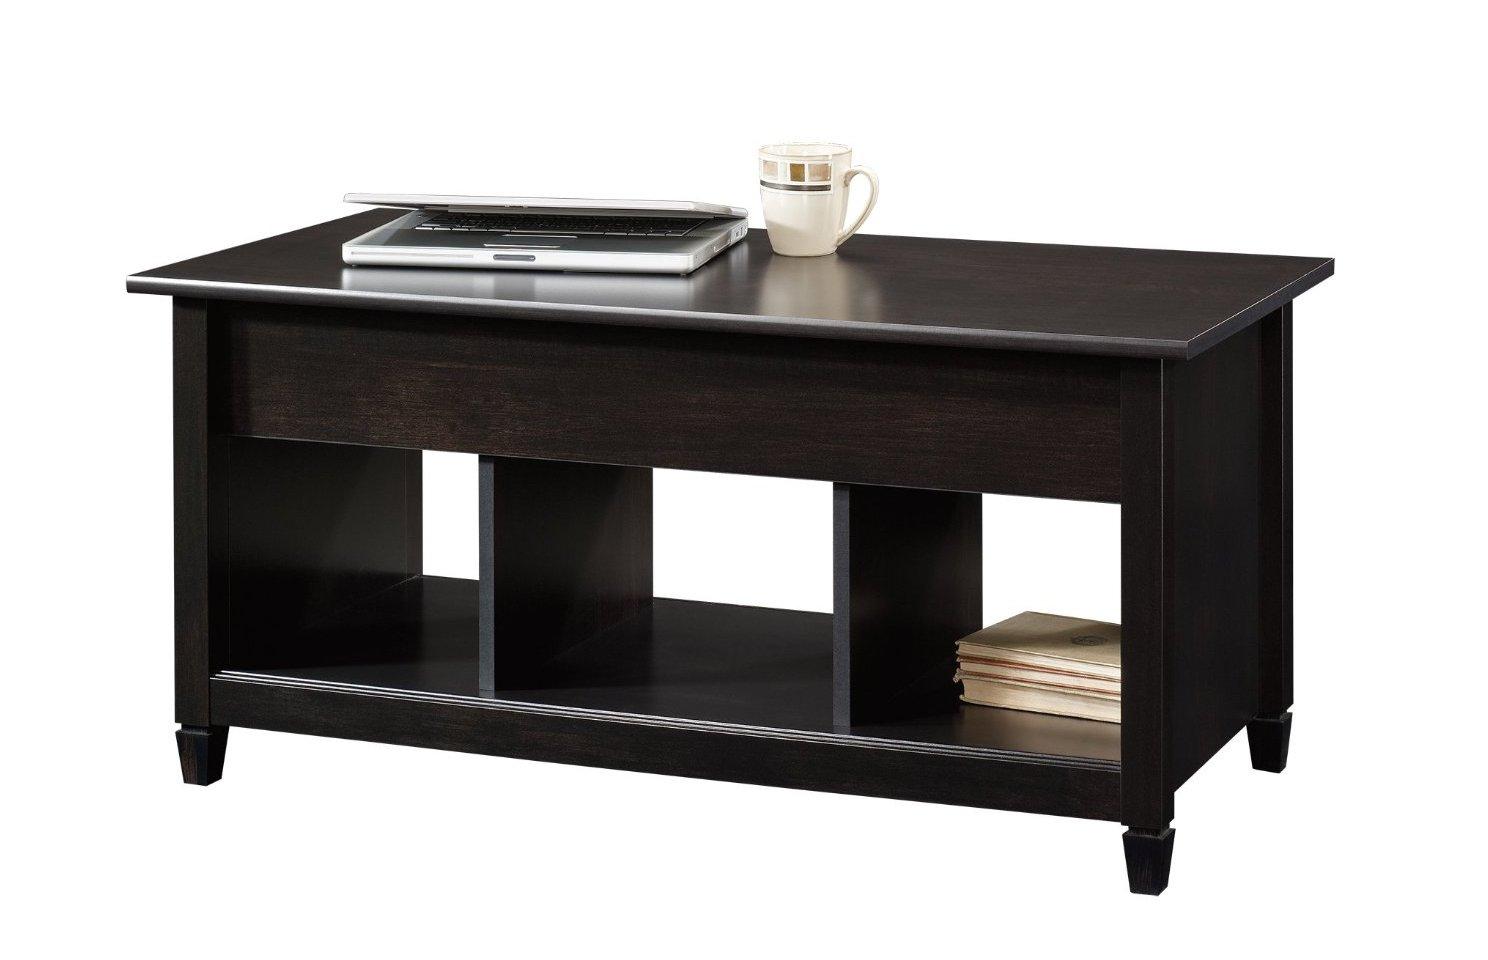 dark wood coffee table set 07